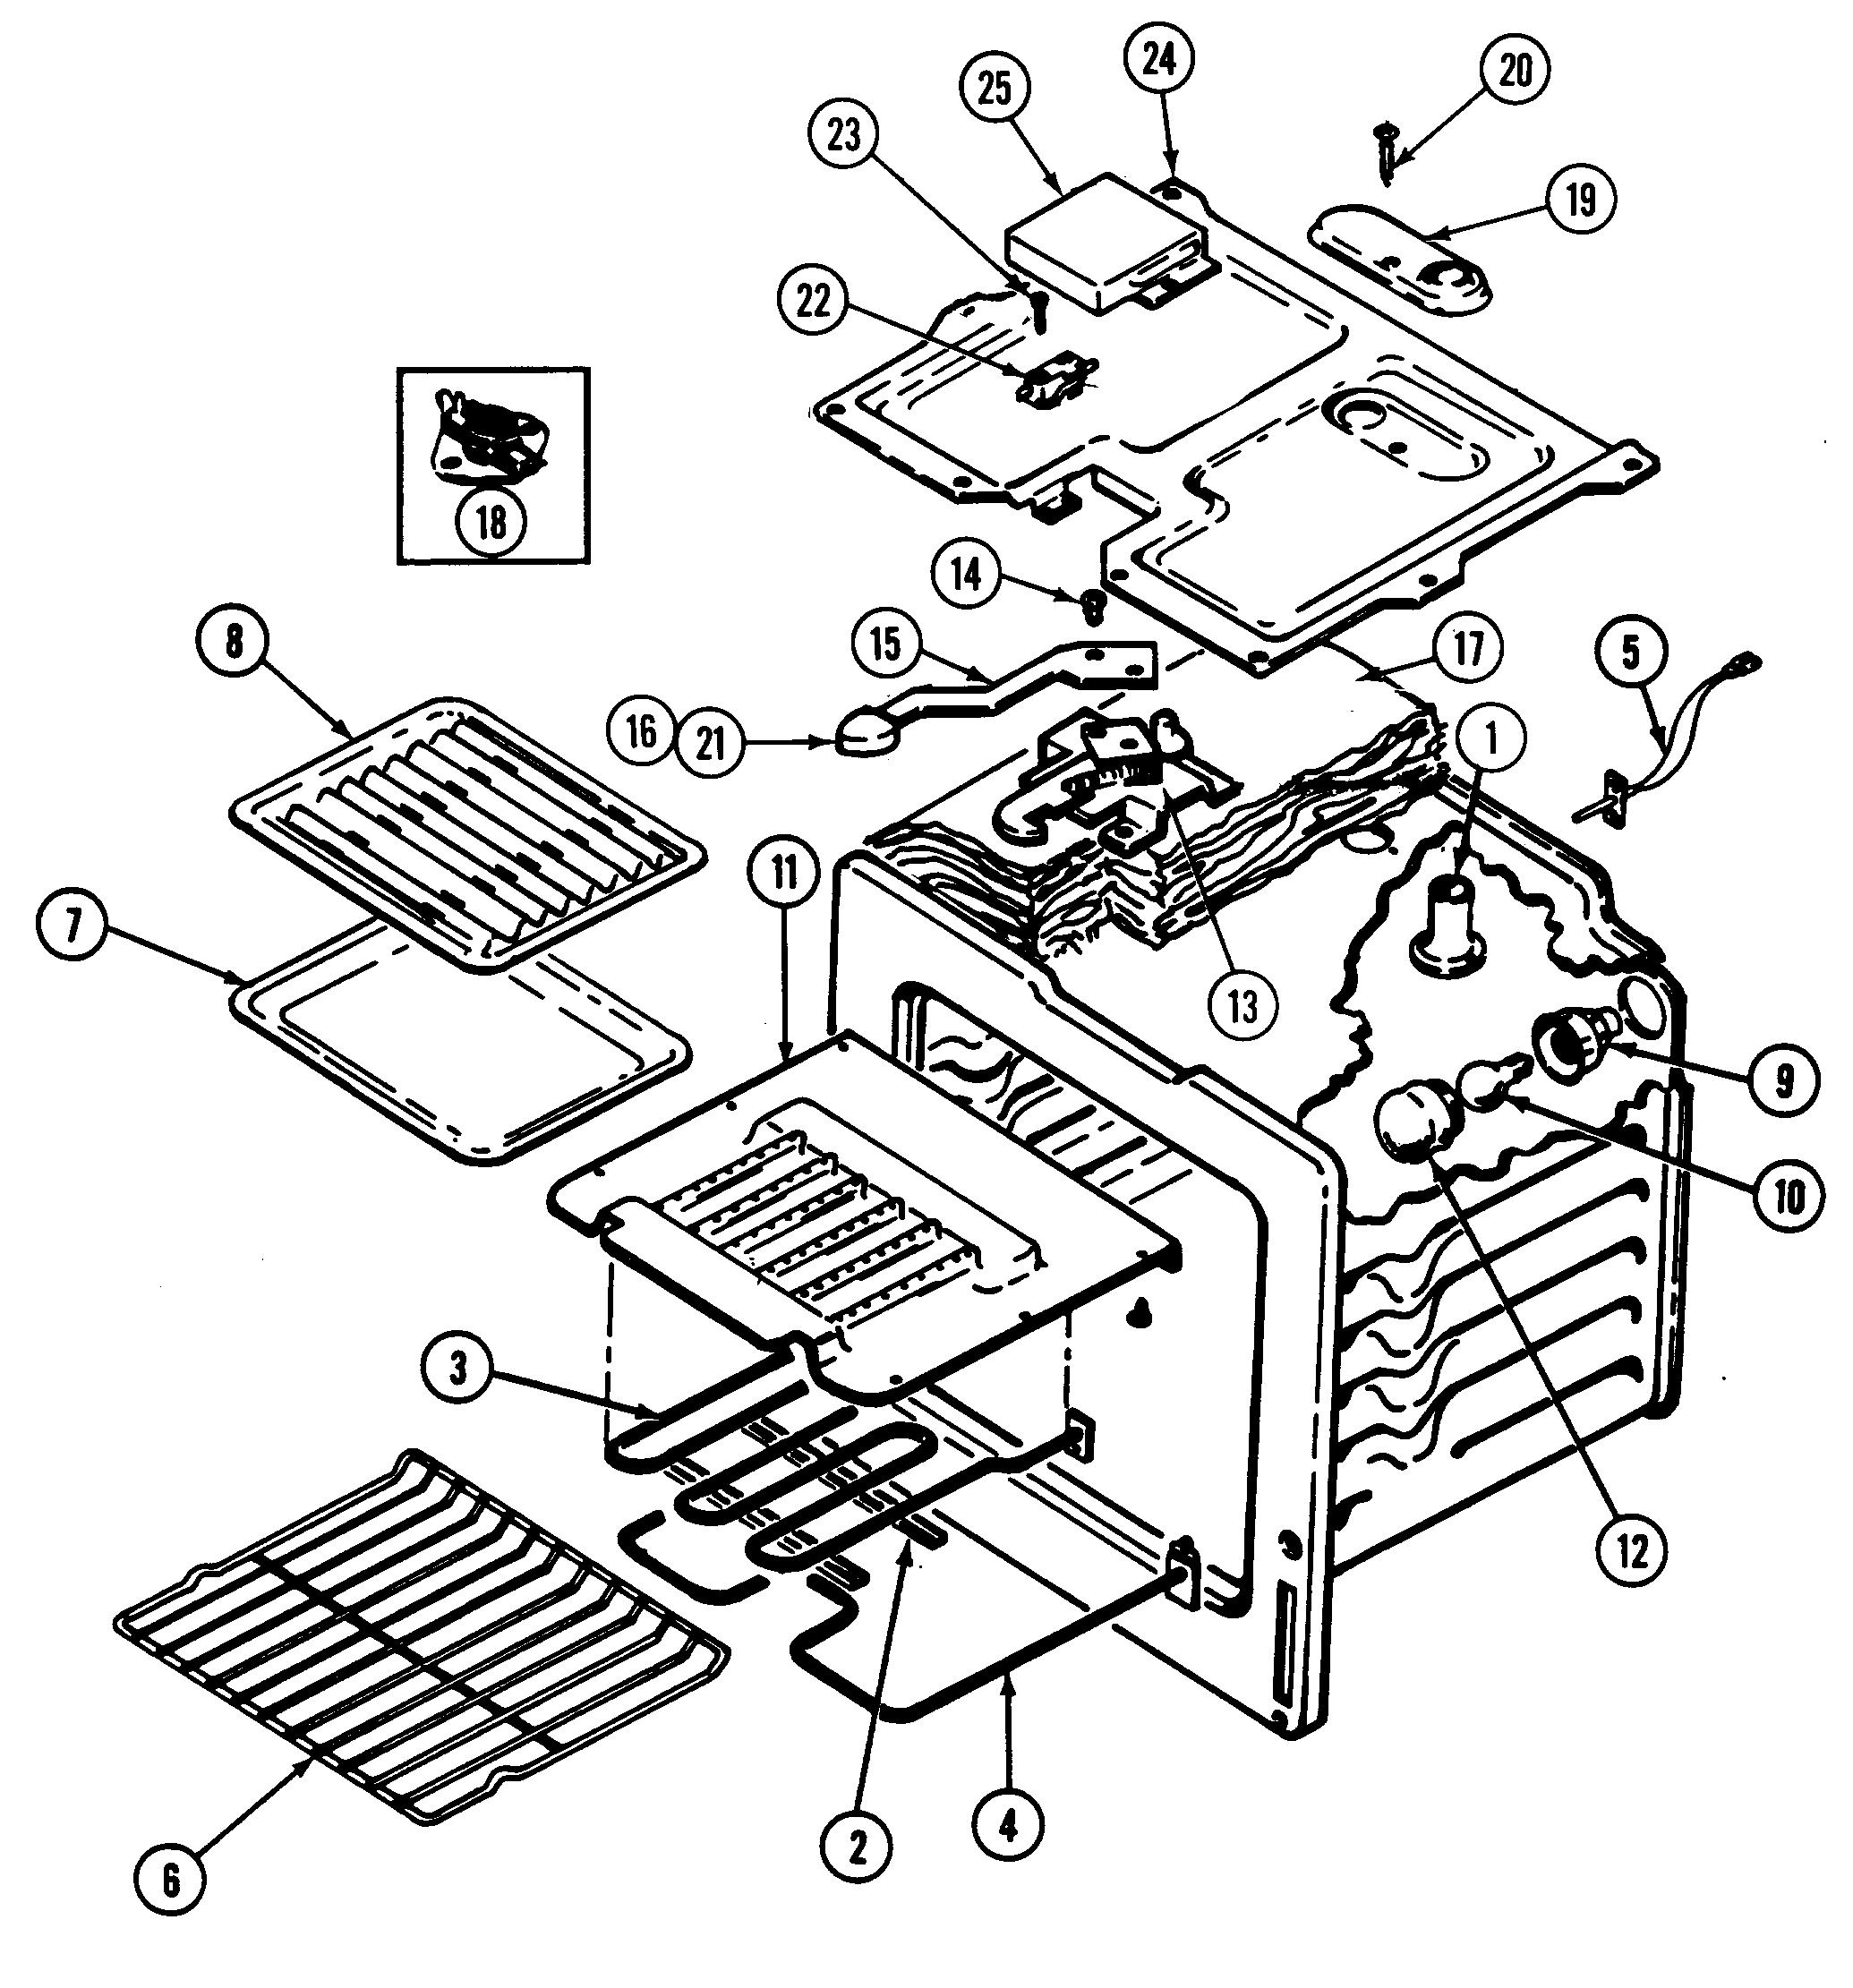 Smeg Oven Wiring Diagram